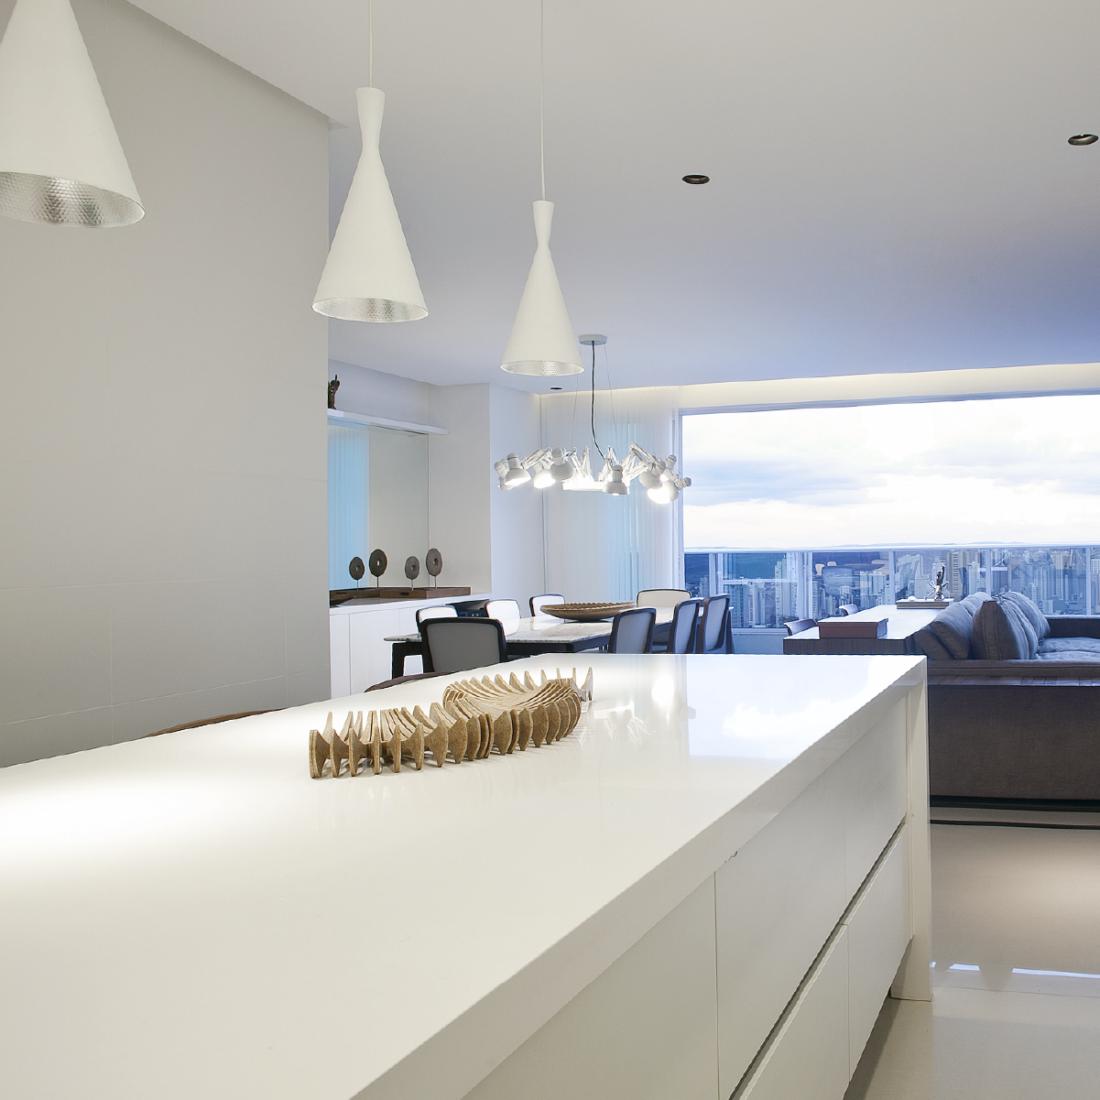 Image of Mesa de trabajo 7@2x in Cocinas - Cosentino